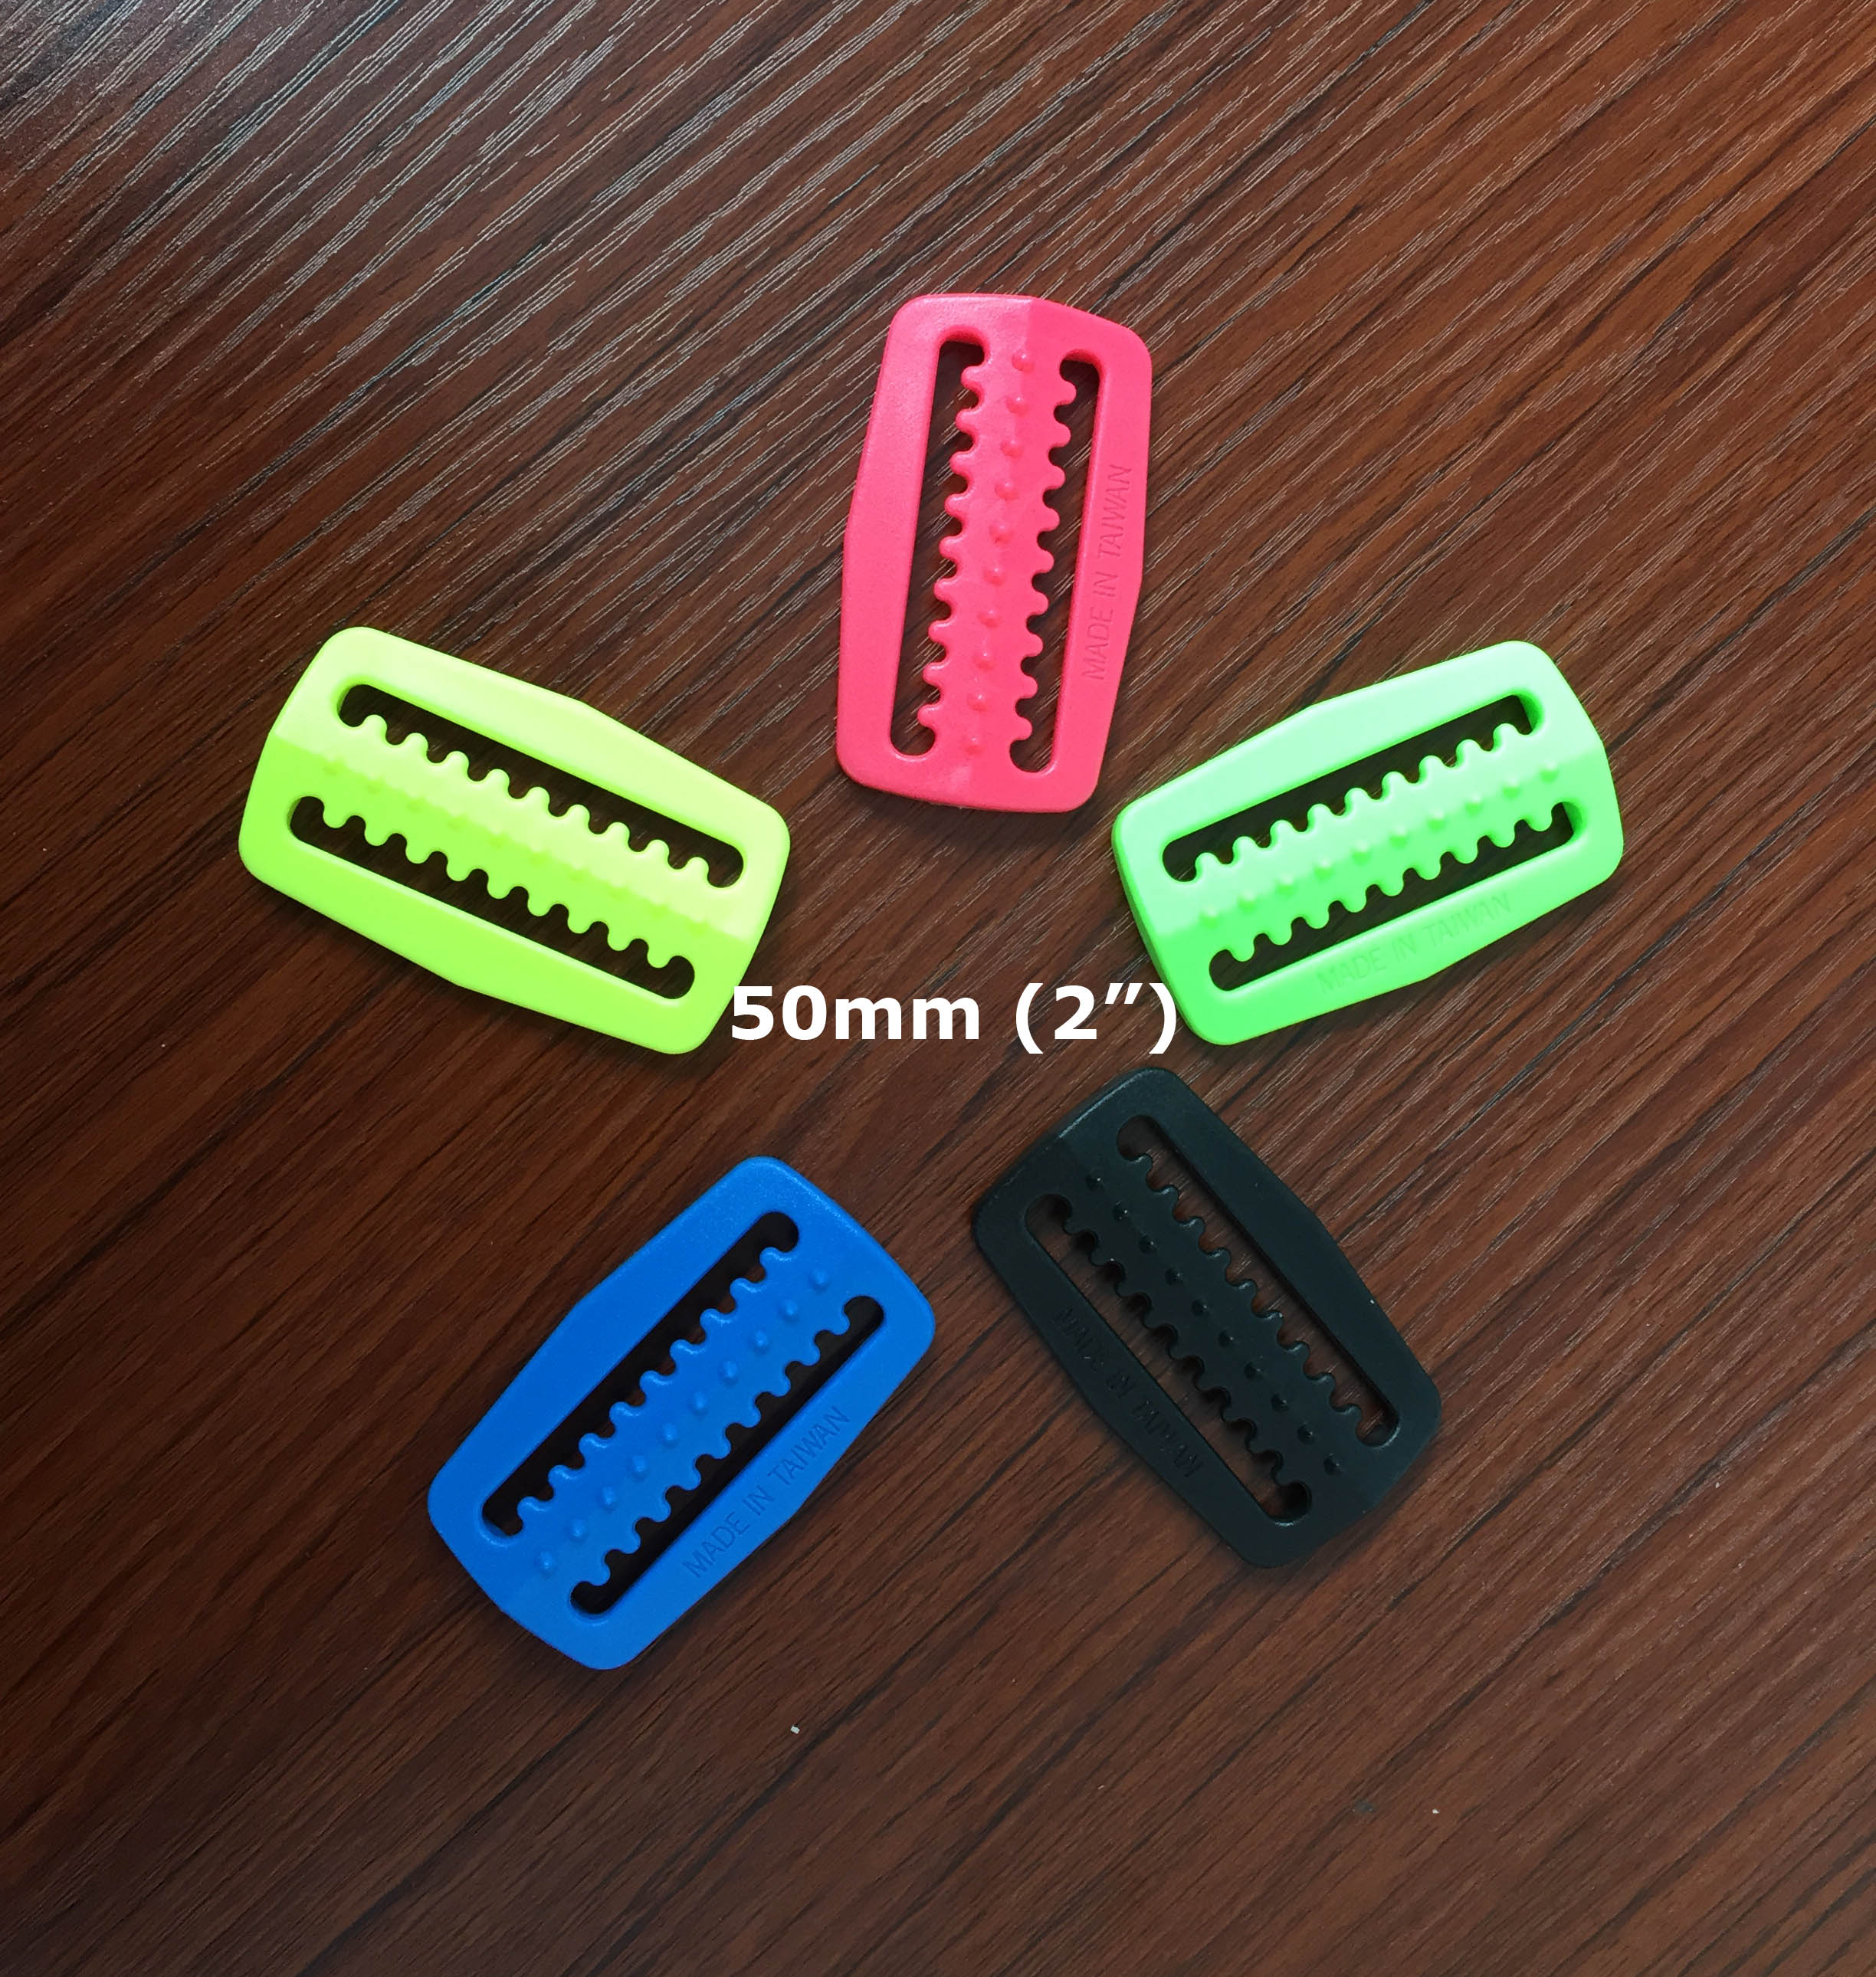 Дайвинг технологий дайвинг специальный задний летать кулон куртка BCD пластик пестрый пряжка расположение пряжка